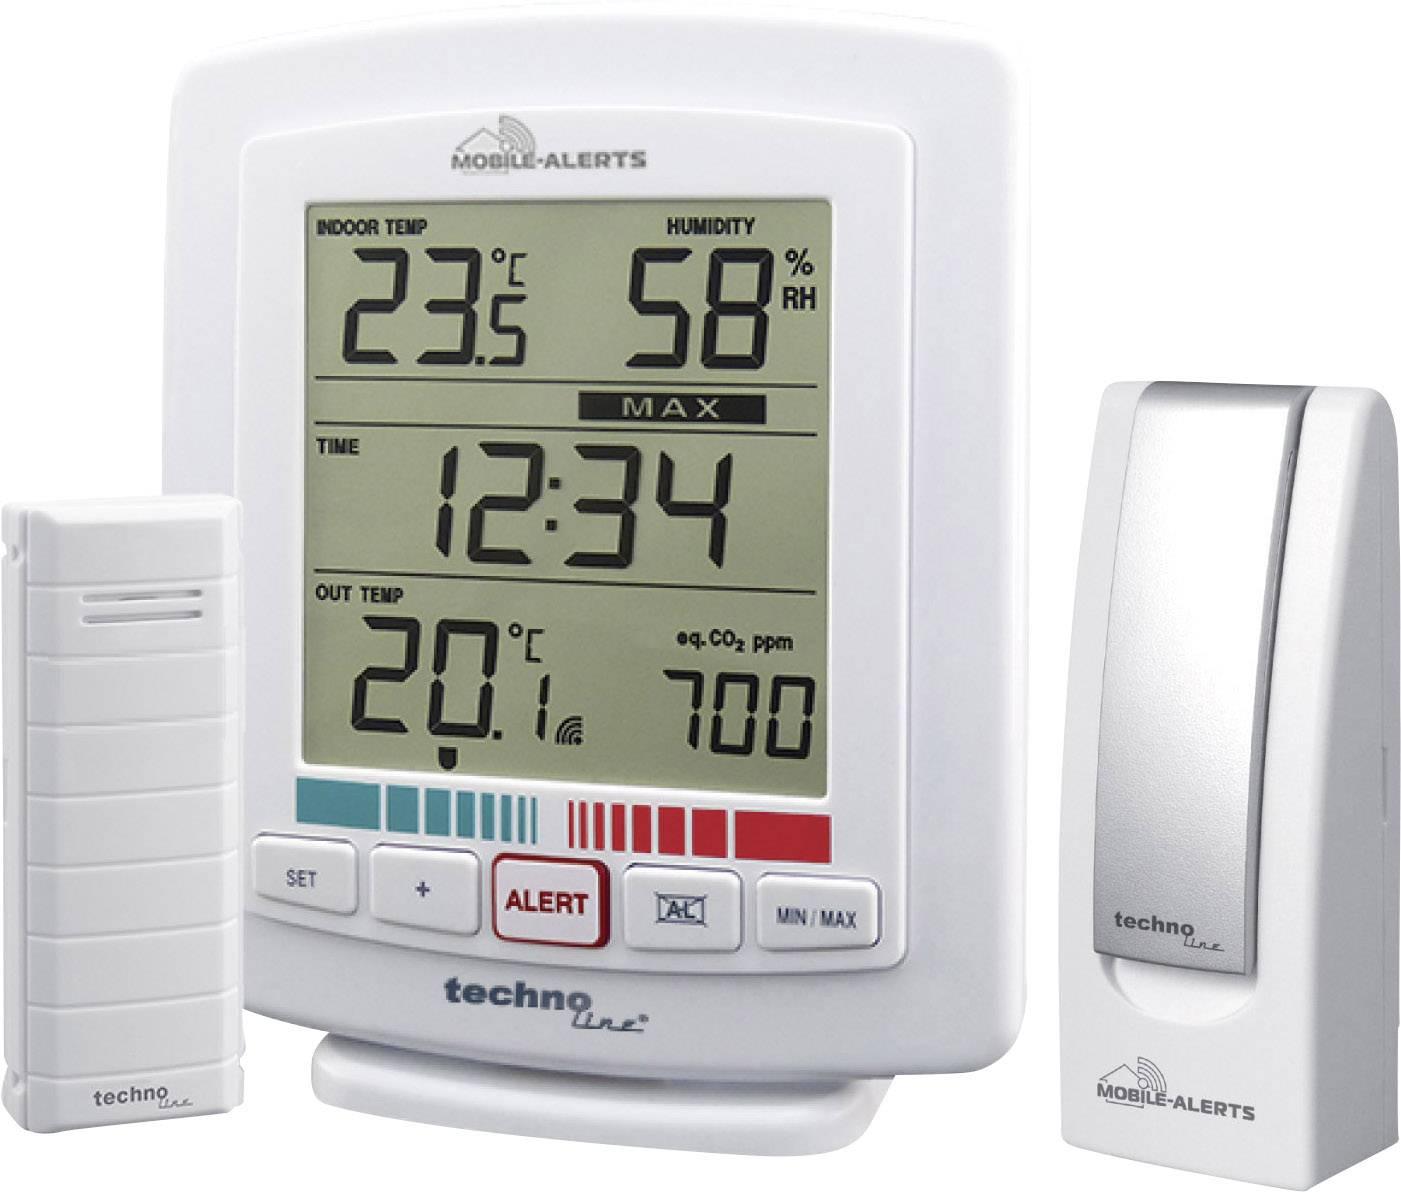 Bezdrôtový teplomer a vlhkomer so senzorom kvality ovzdušia Techno Line MA 10005 Mobile Alerts , vr. gateway